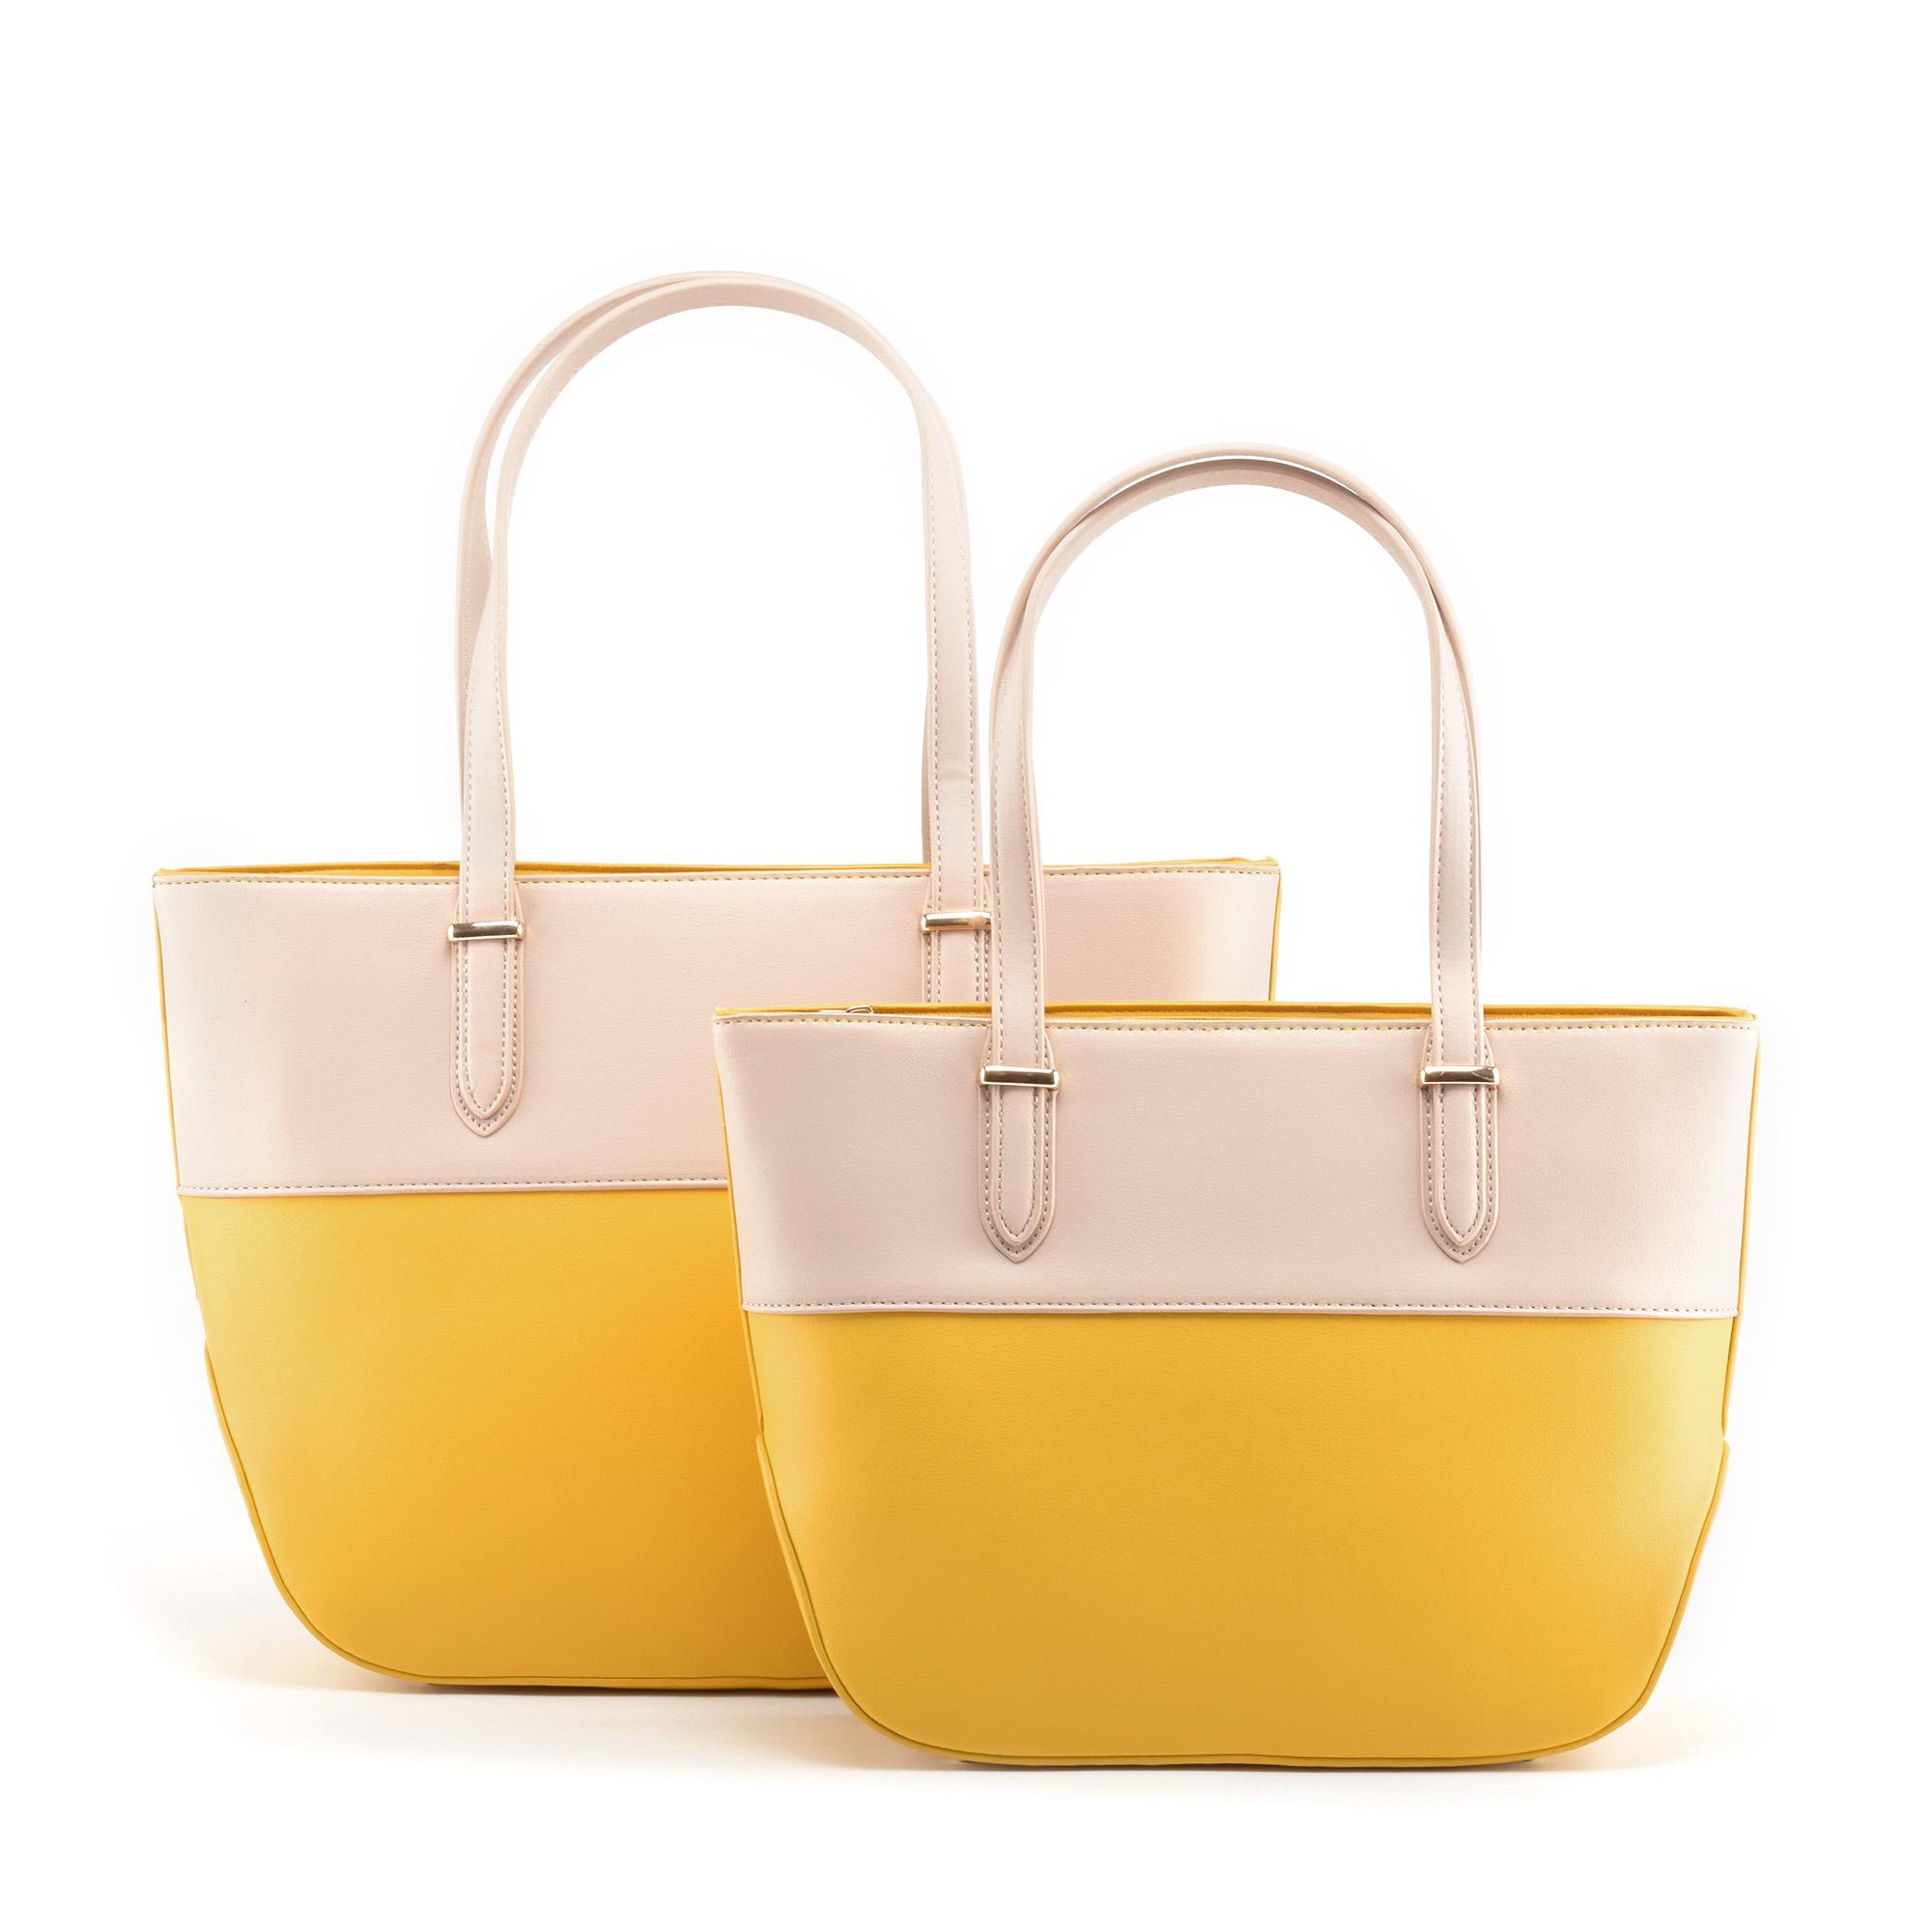 84a46ee387 HERISSON Cipzáros Sárga-Rózsaszín Női Műbőr Kézitáska - Válltáskák - Táska  webáruház - Minőségi táskák mindenkinek